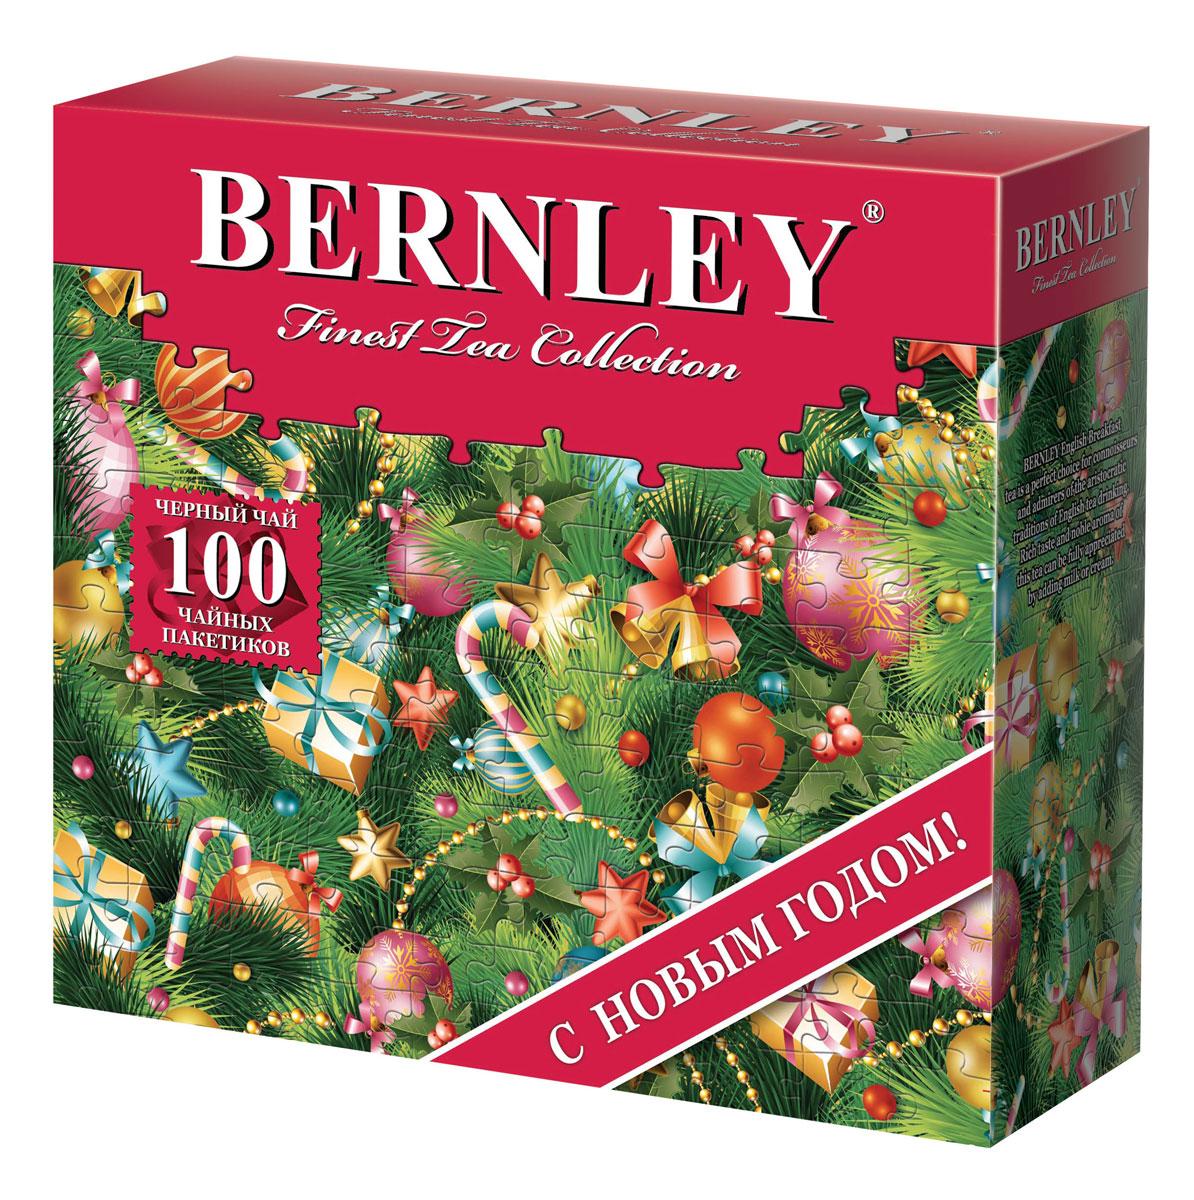 Bernley English Breakfast Новый год чай черный, 100 шт greenfield classic breakfast черный листовой чай 100 г